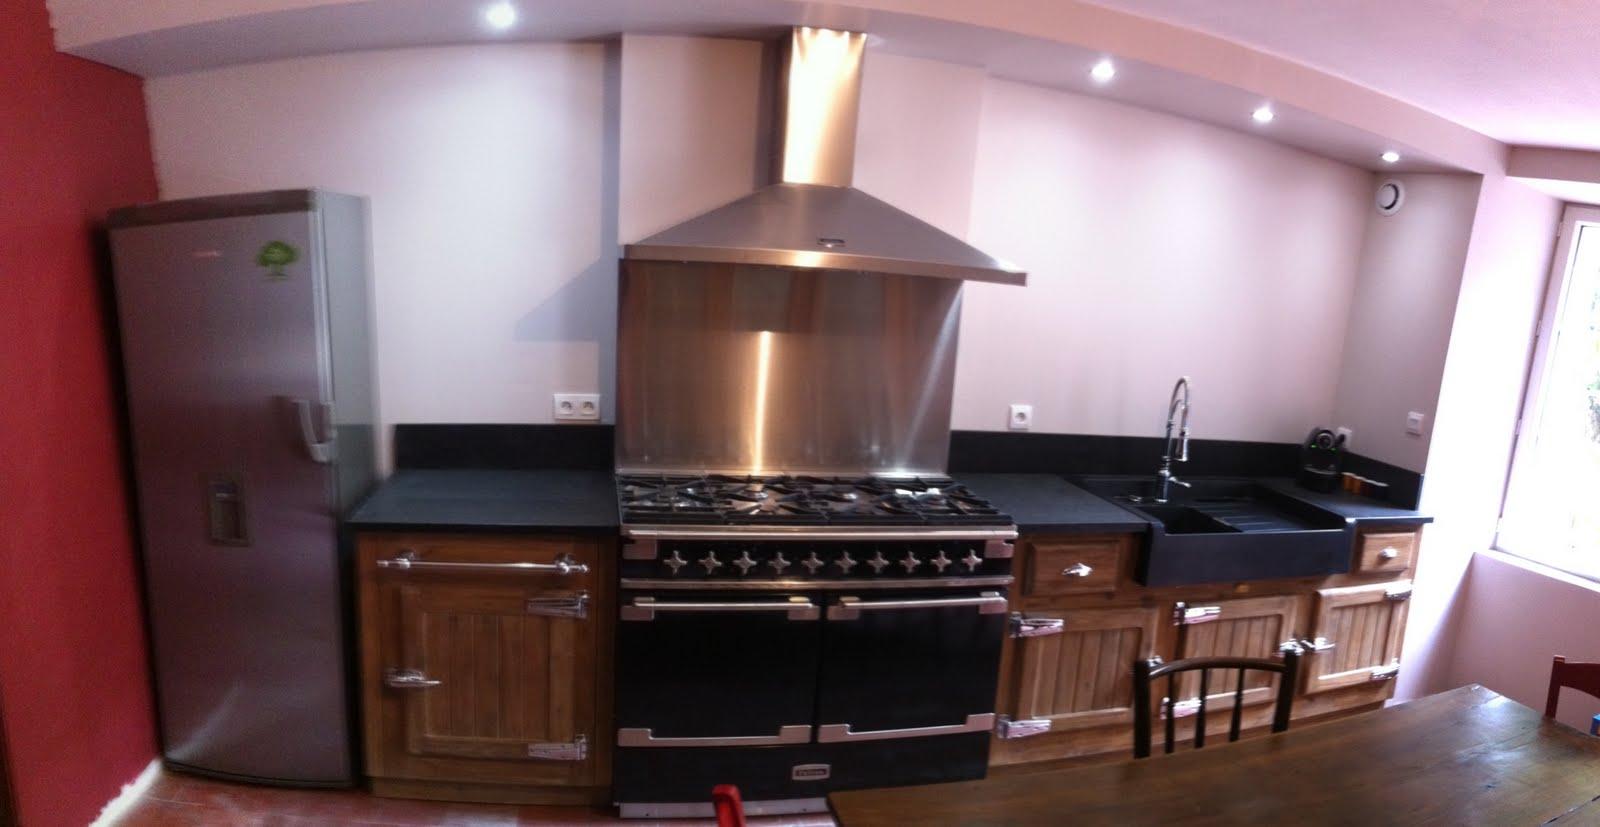 Elle est pas belle ma cuisine une maison retaper for Retaper une cuisine